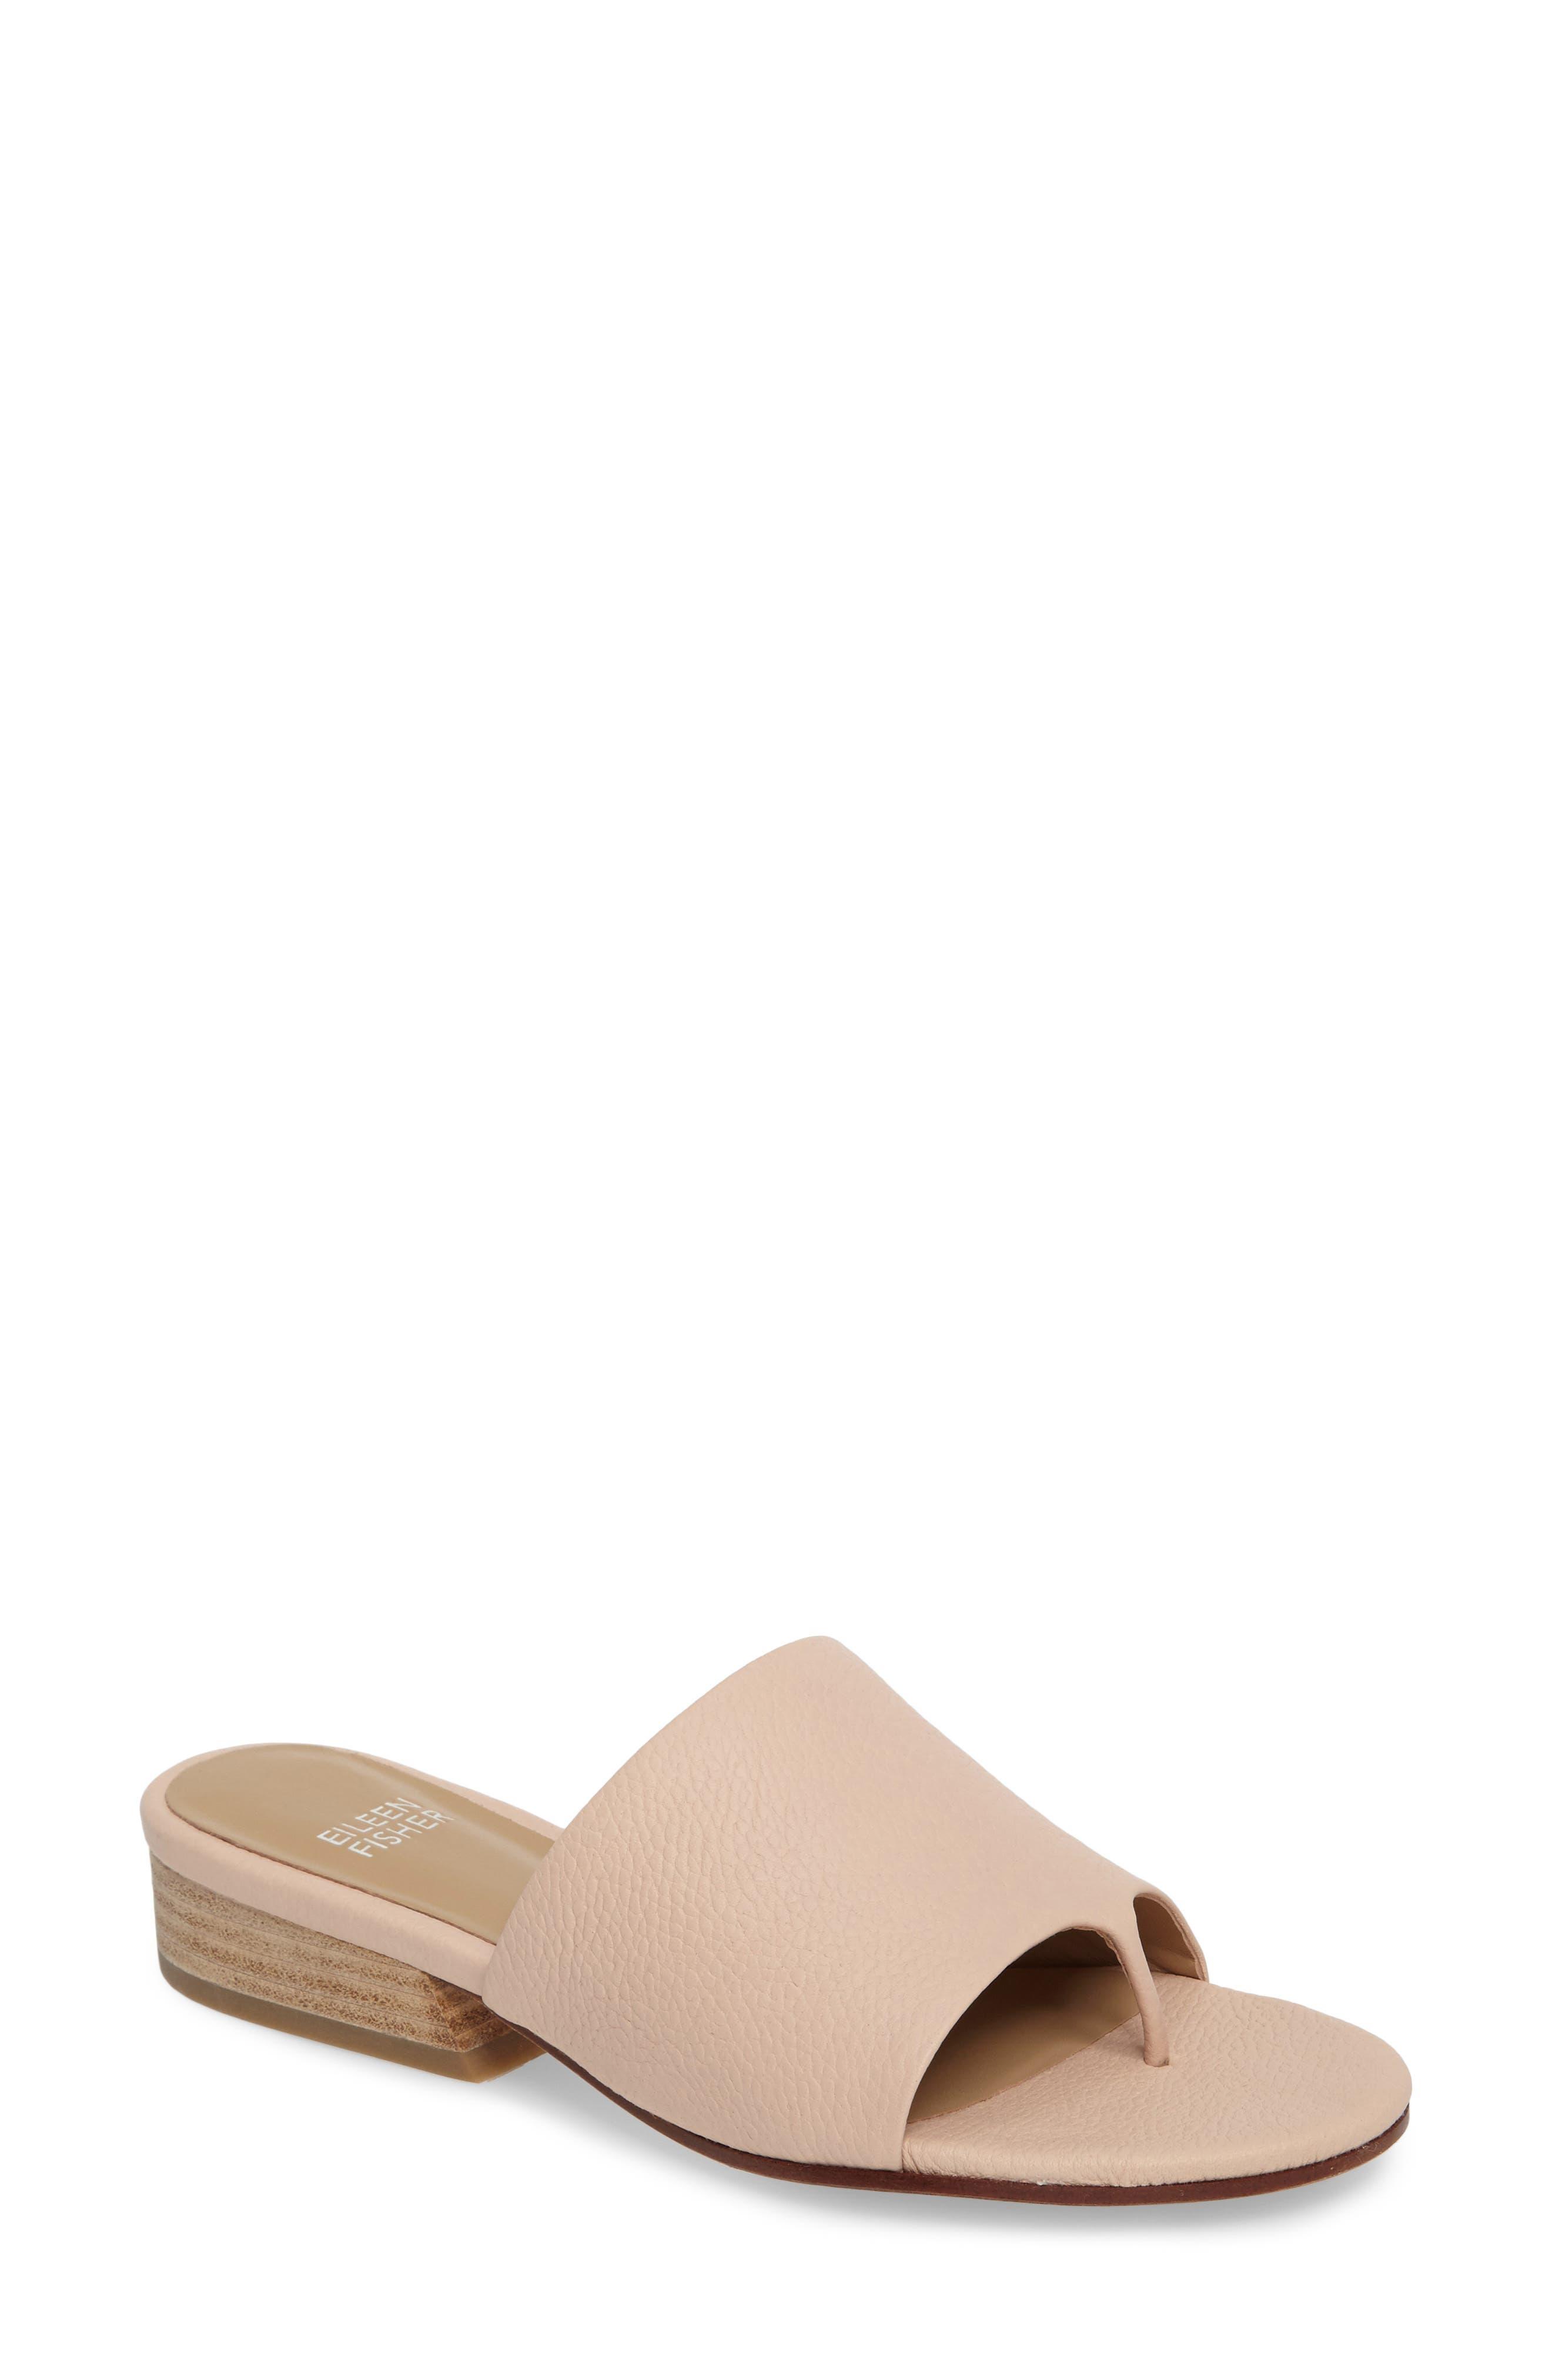 Main Image - Eileen Fisher Beal Slide Sandal (Women)